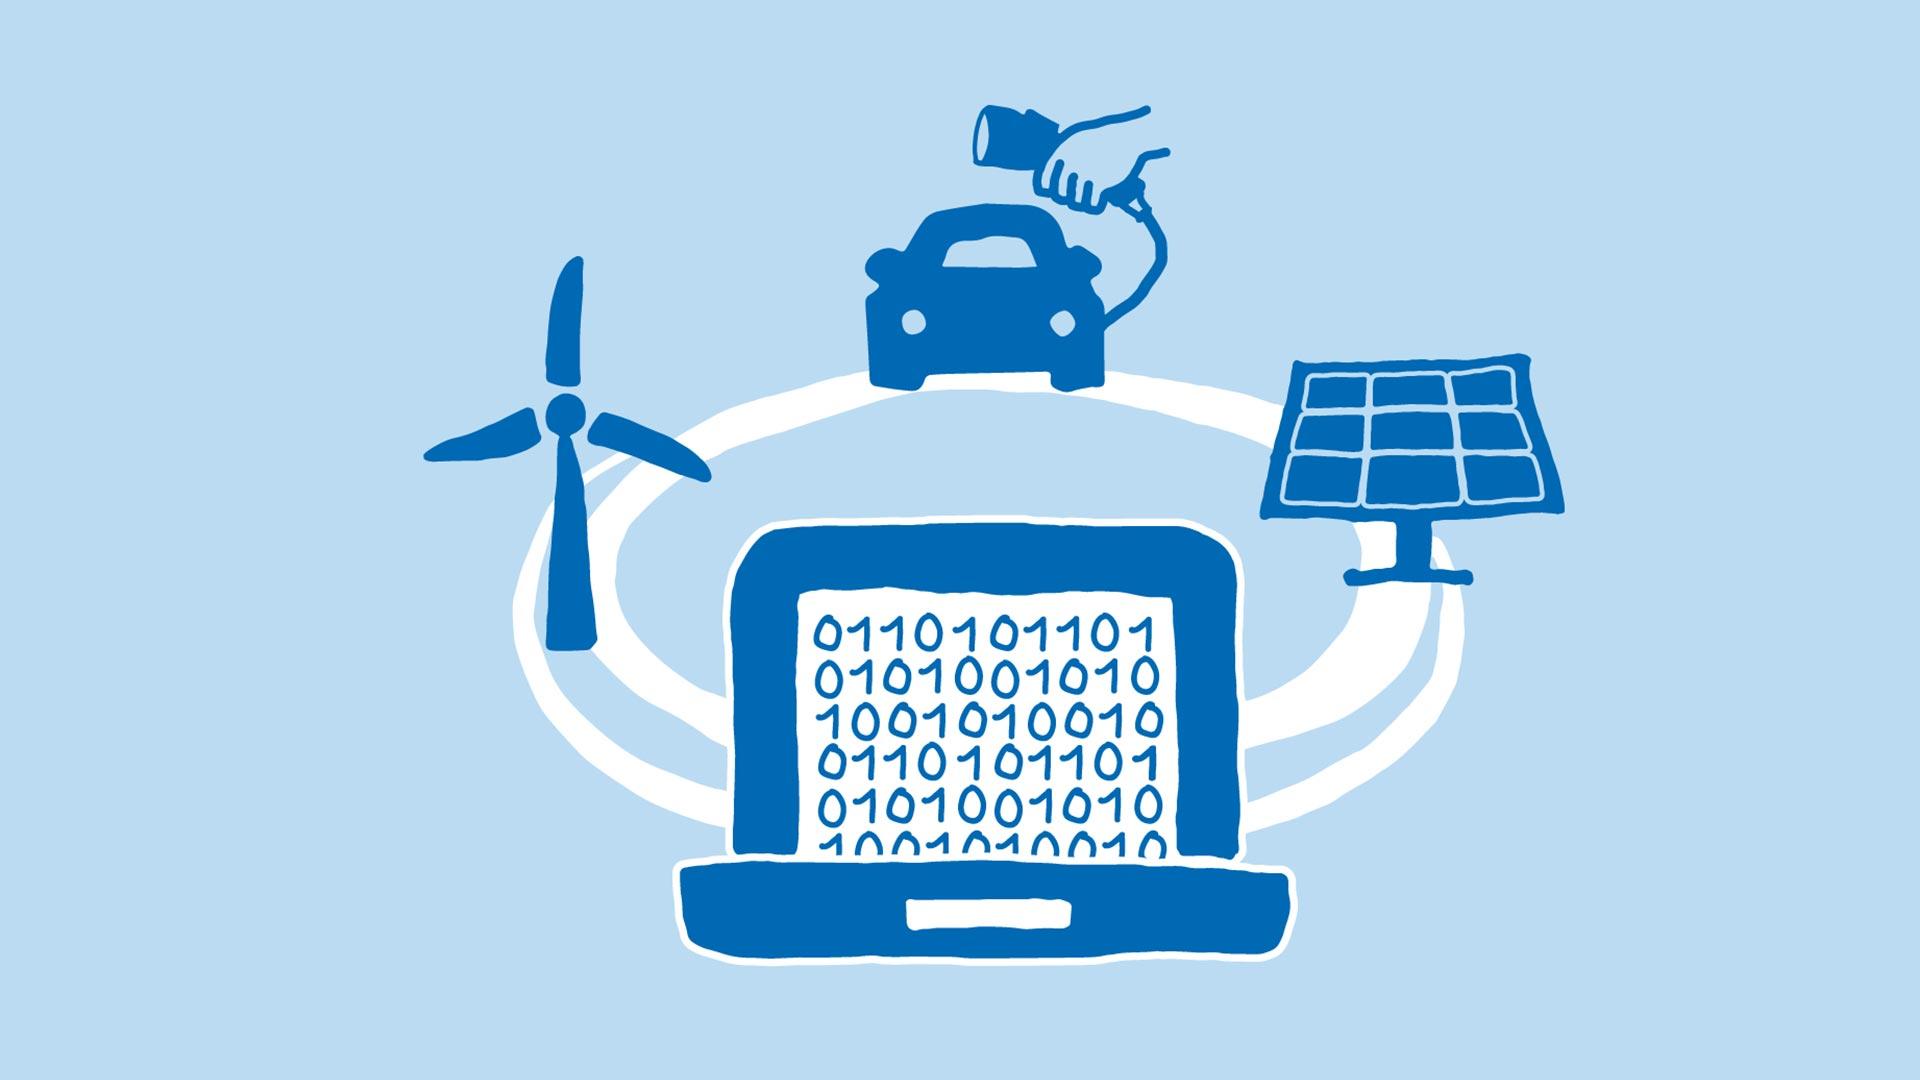 Schon gewusst? Im Fokus: die Digitalisierung der Energiewende